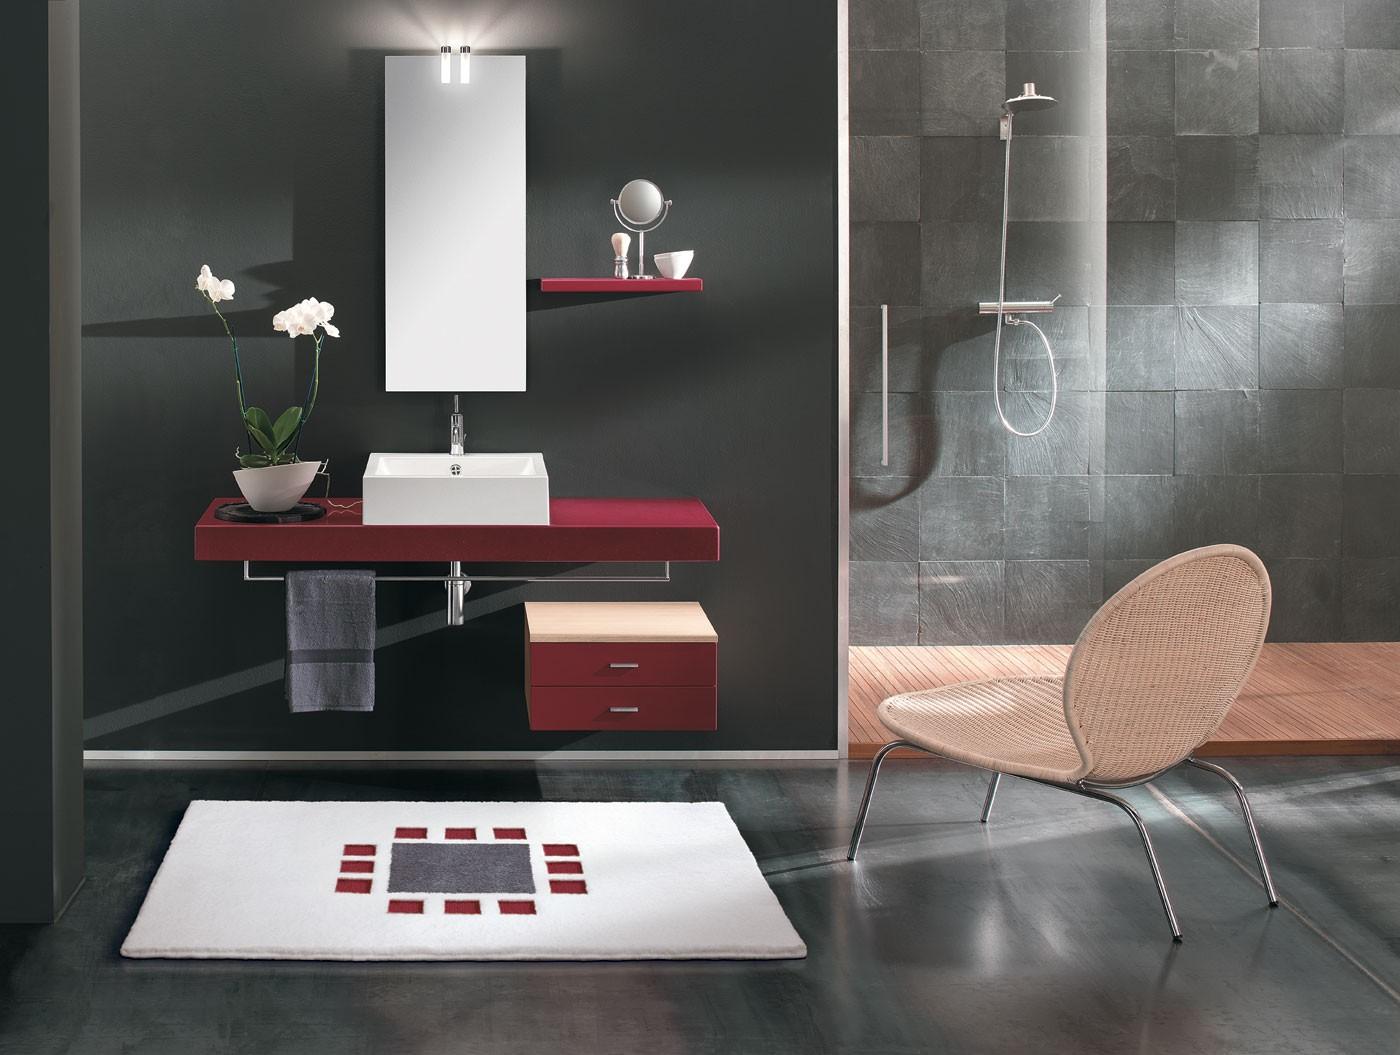 Joop Handtücher Grau mit tolle stil für ihr haus ideen